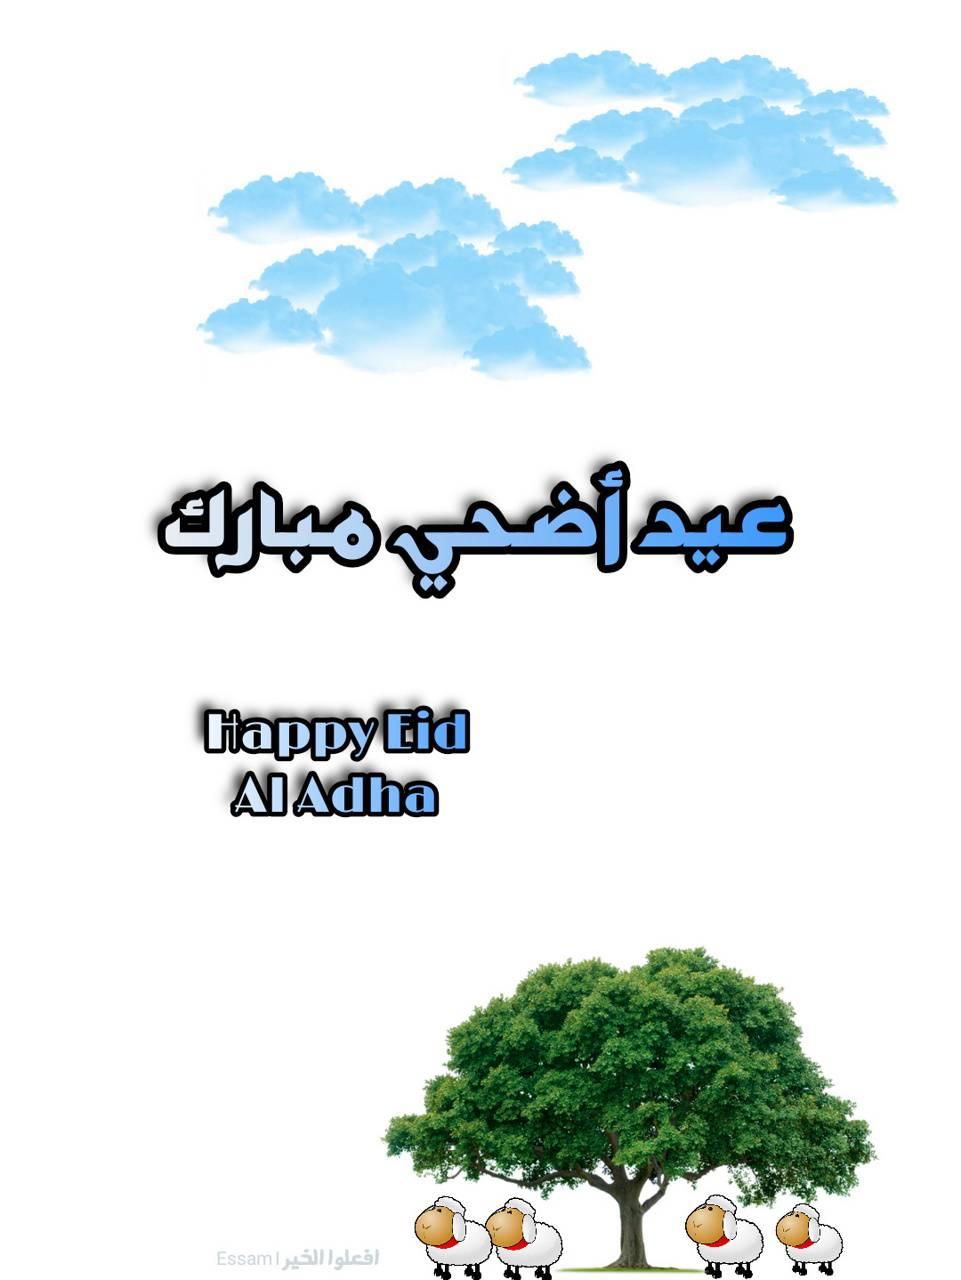 Eid adha